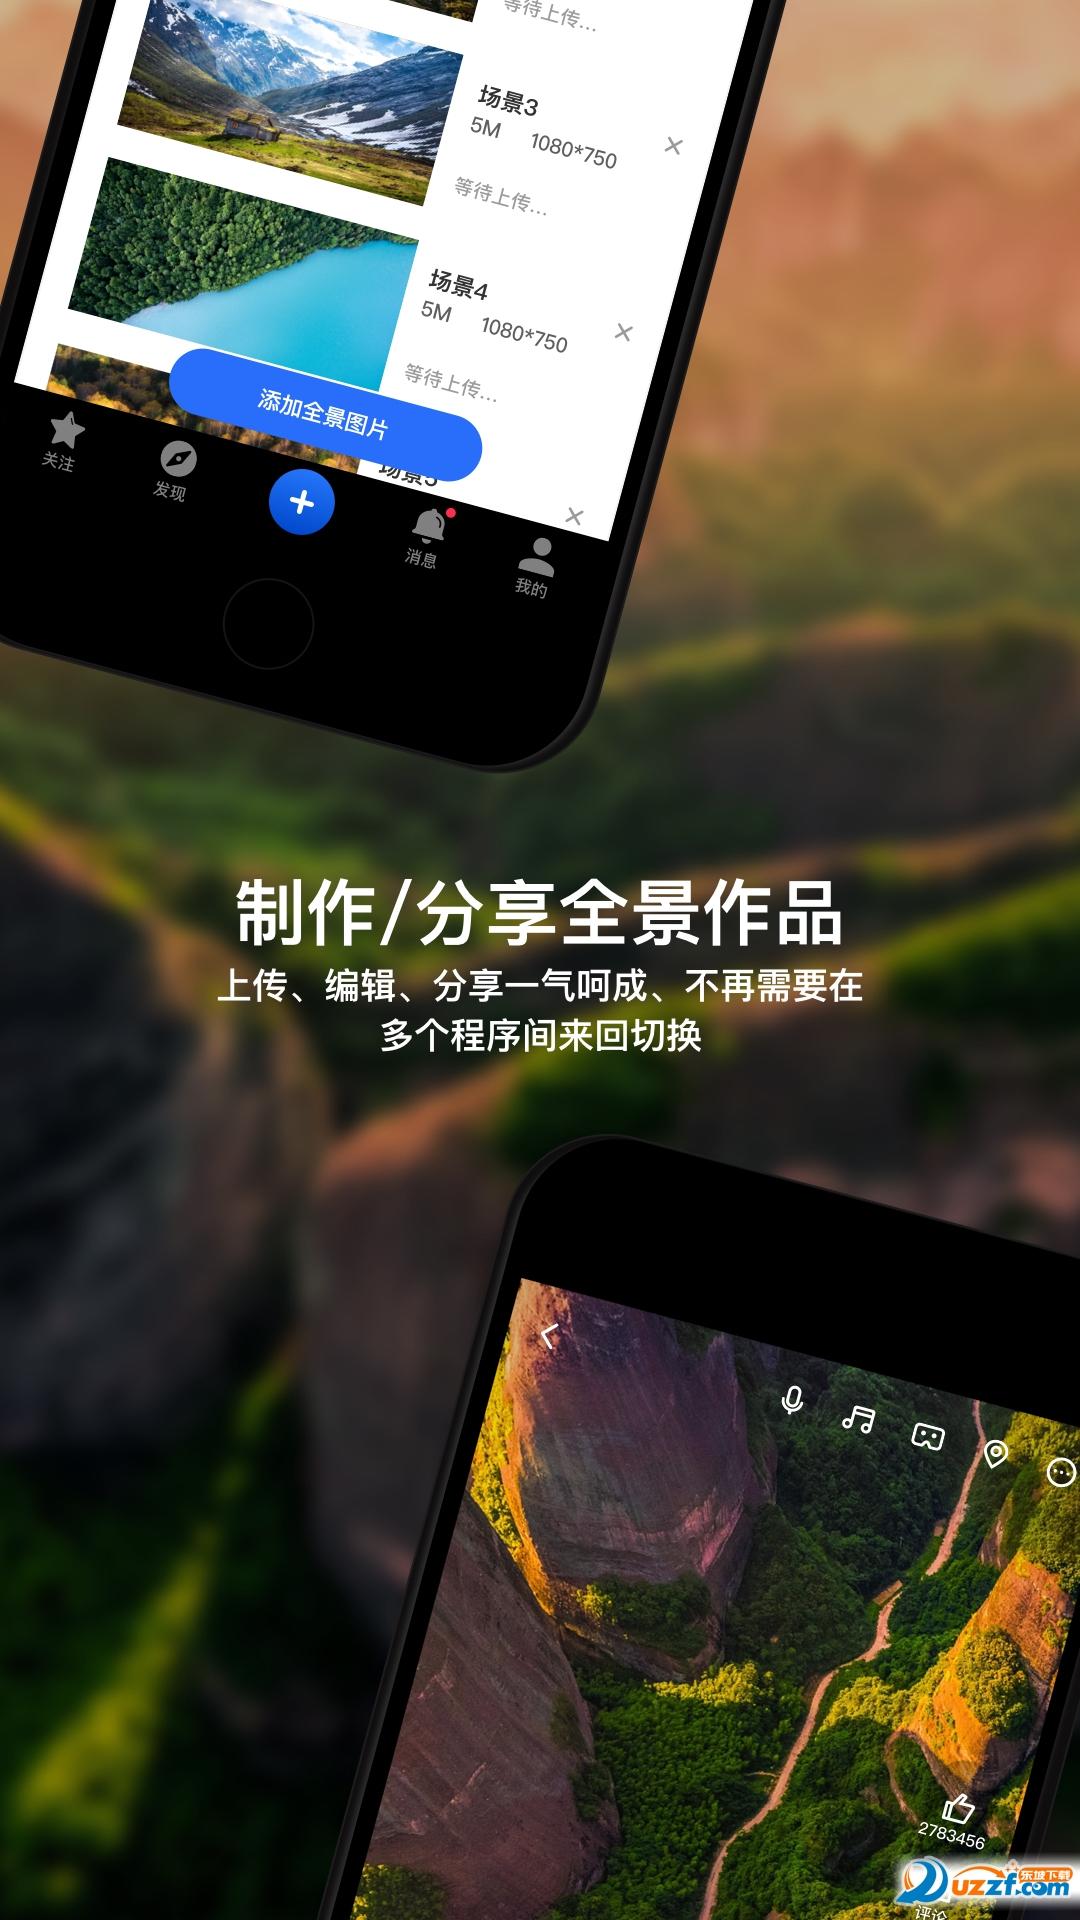 720云全景摄影网手机客户端(720云)截图